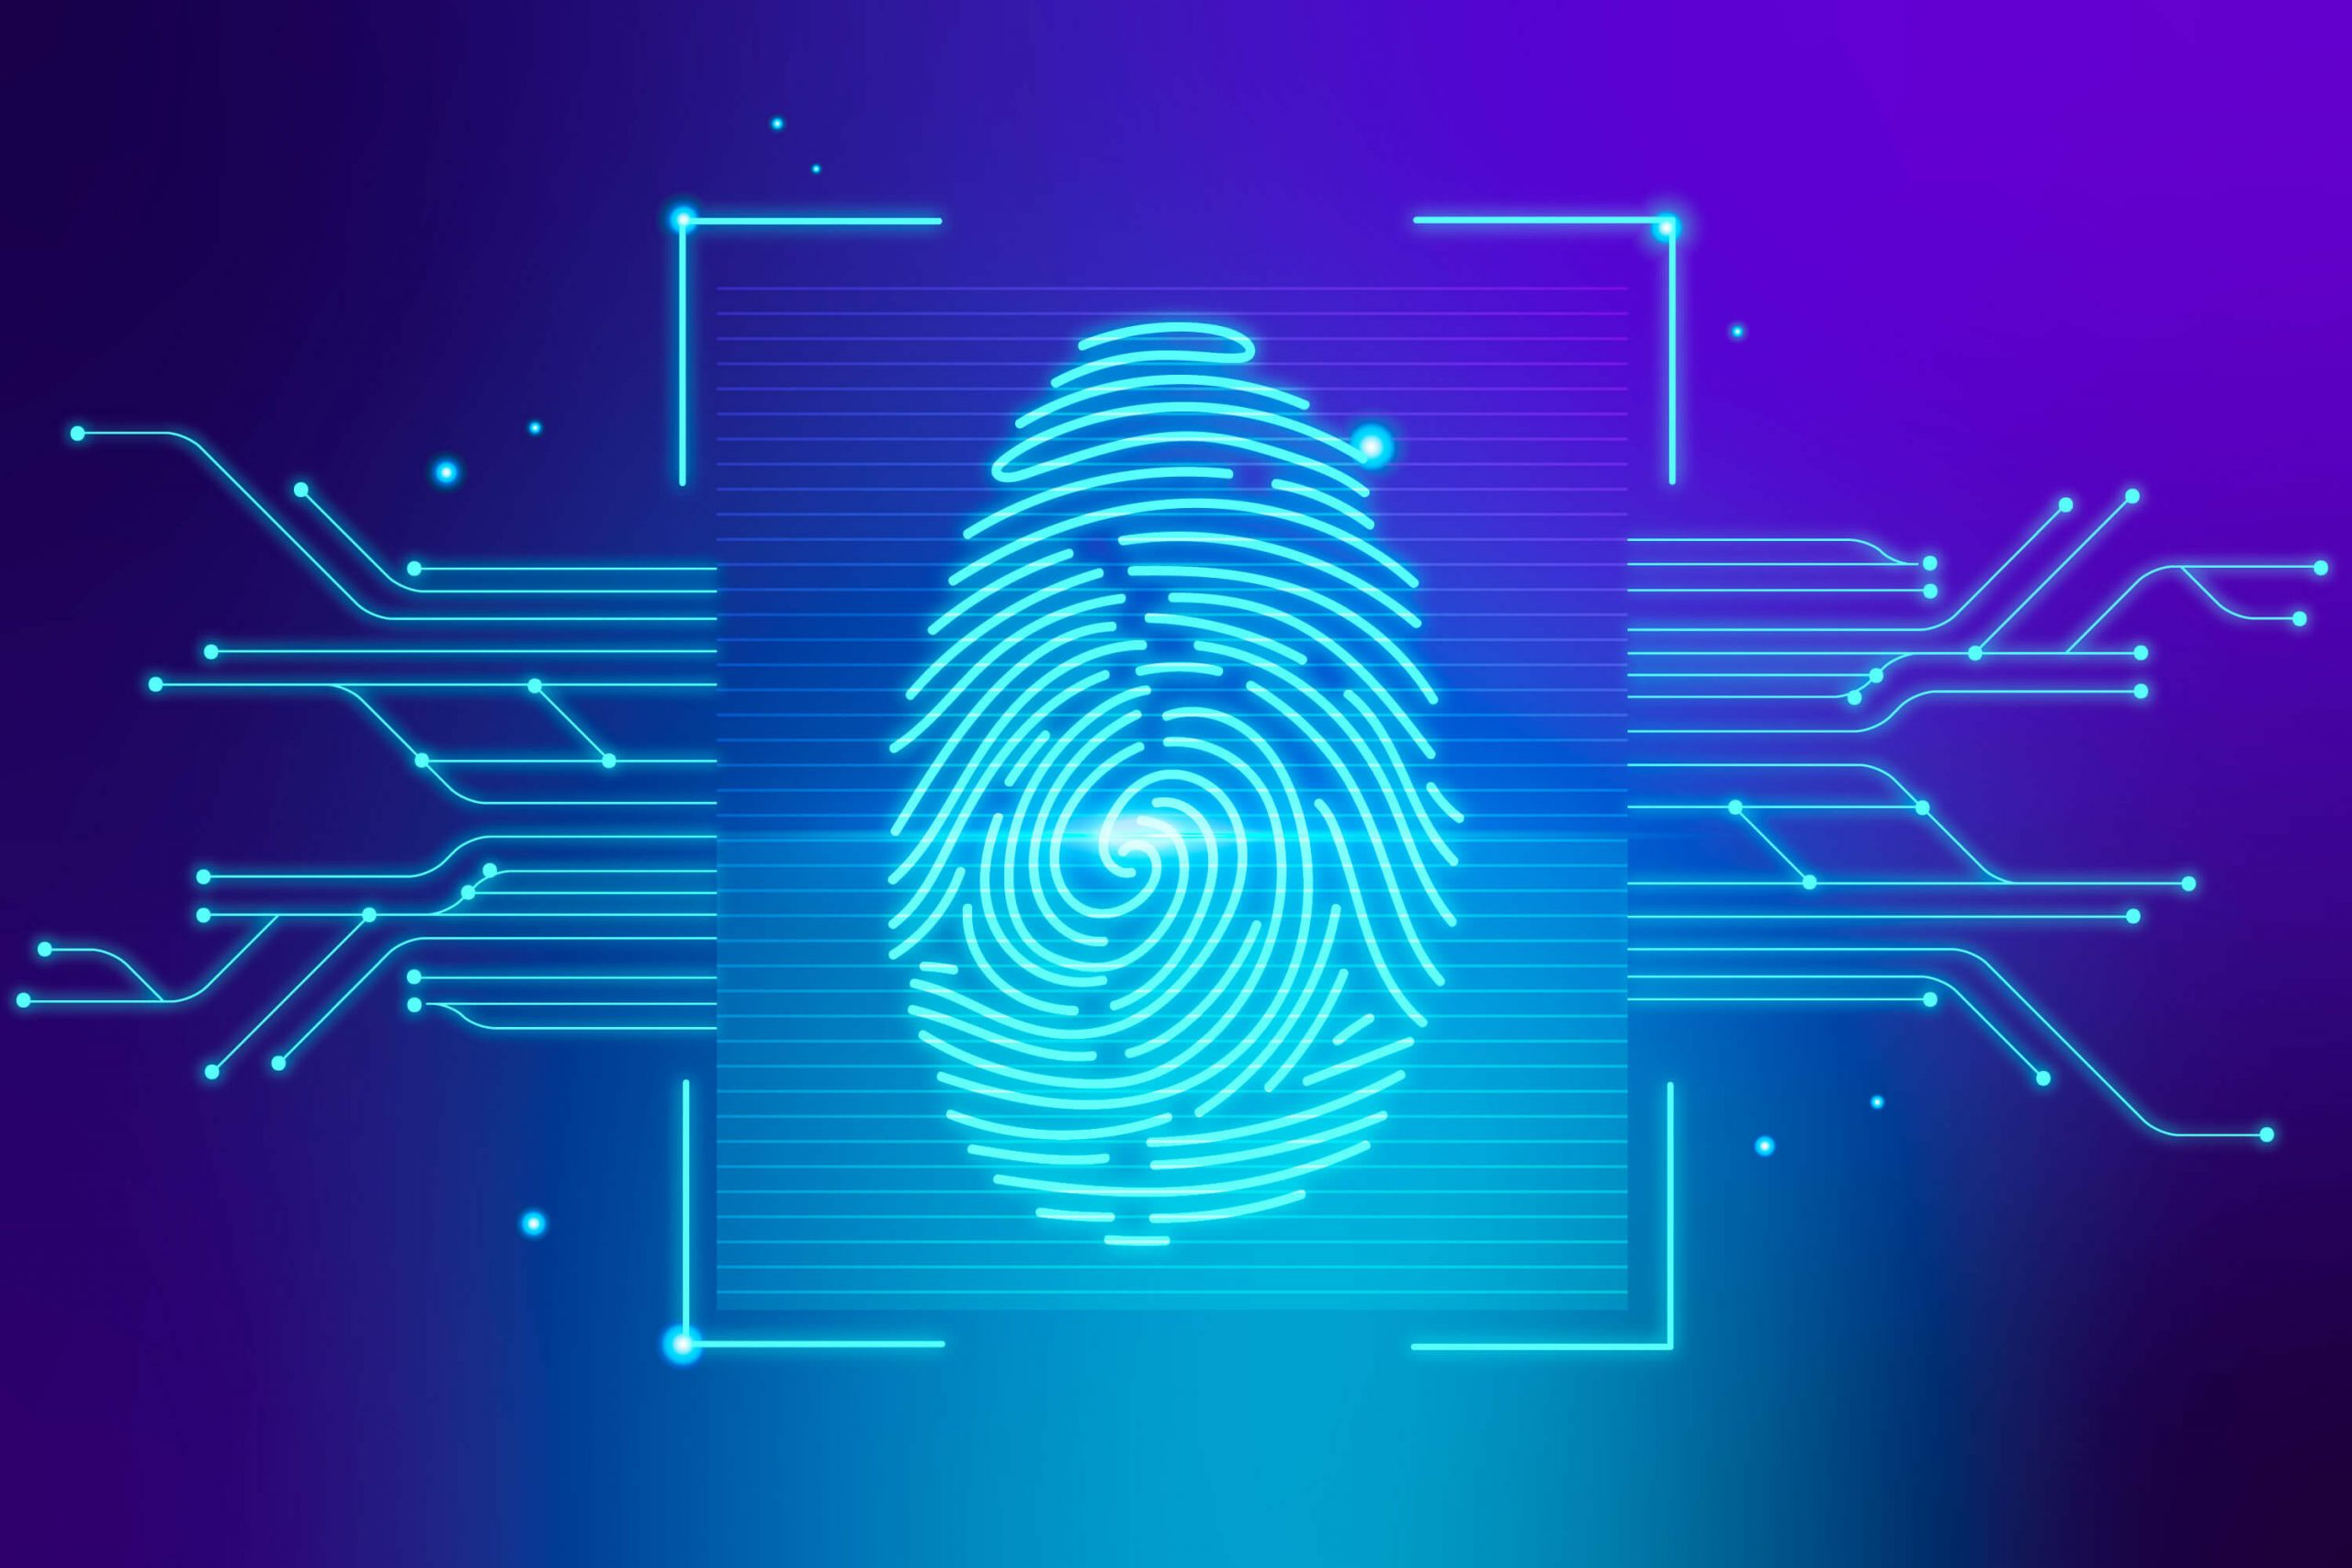 Você sabe como funciona a biometria? Veja como funciona essa tecnologia que tanto utilizamos em nosso dia a dia.